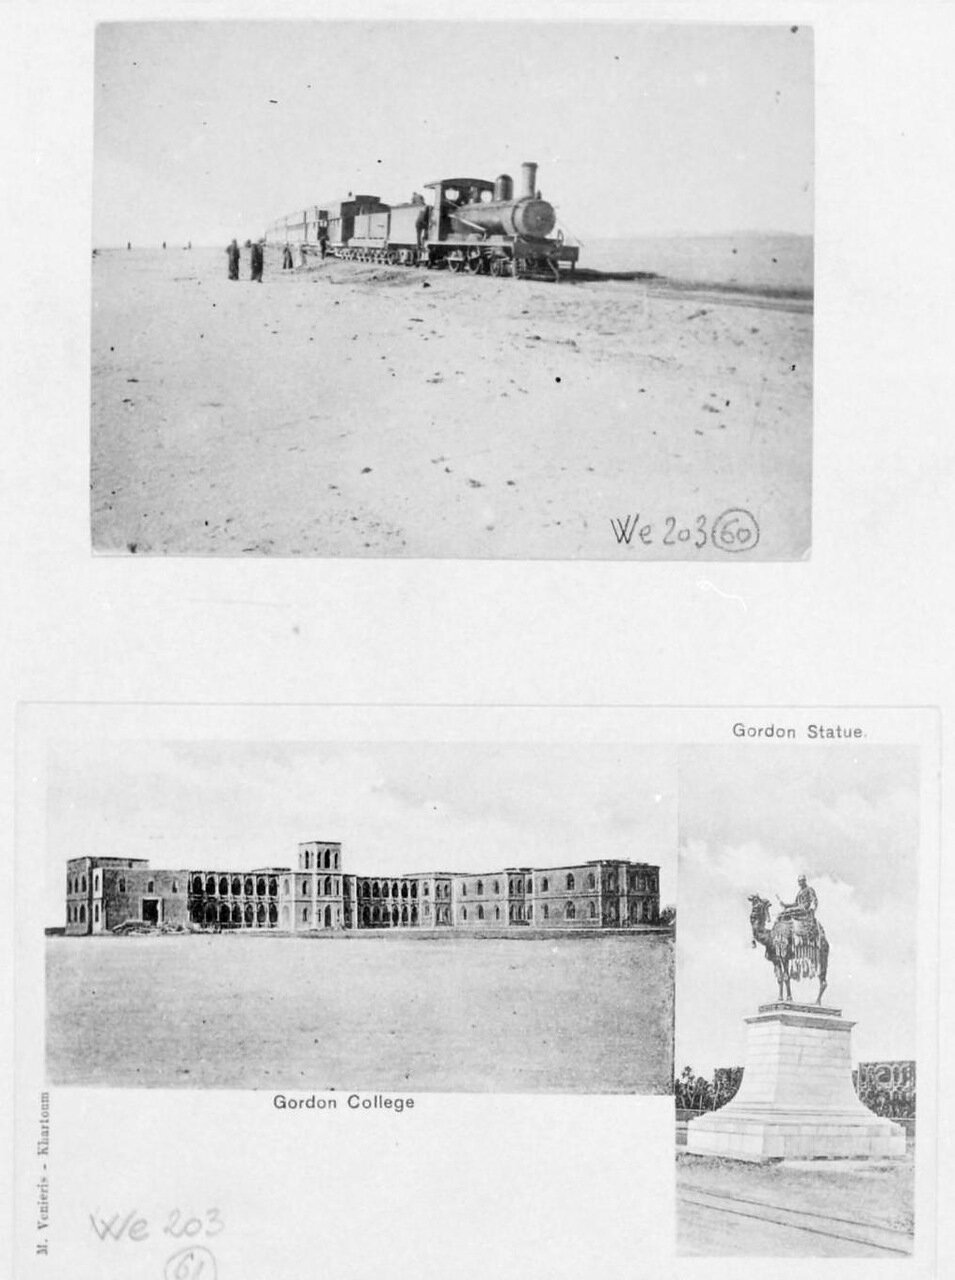 Картины из Судана. Прибытие поезда. Слева колледж им.генерала Гордона. Справа Памятник Гордона